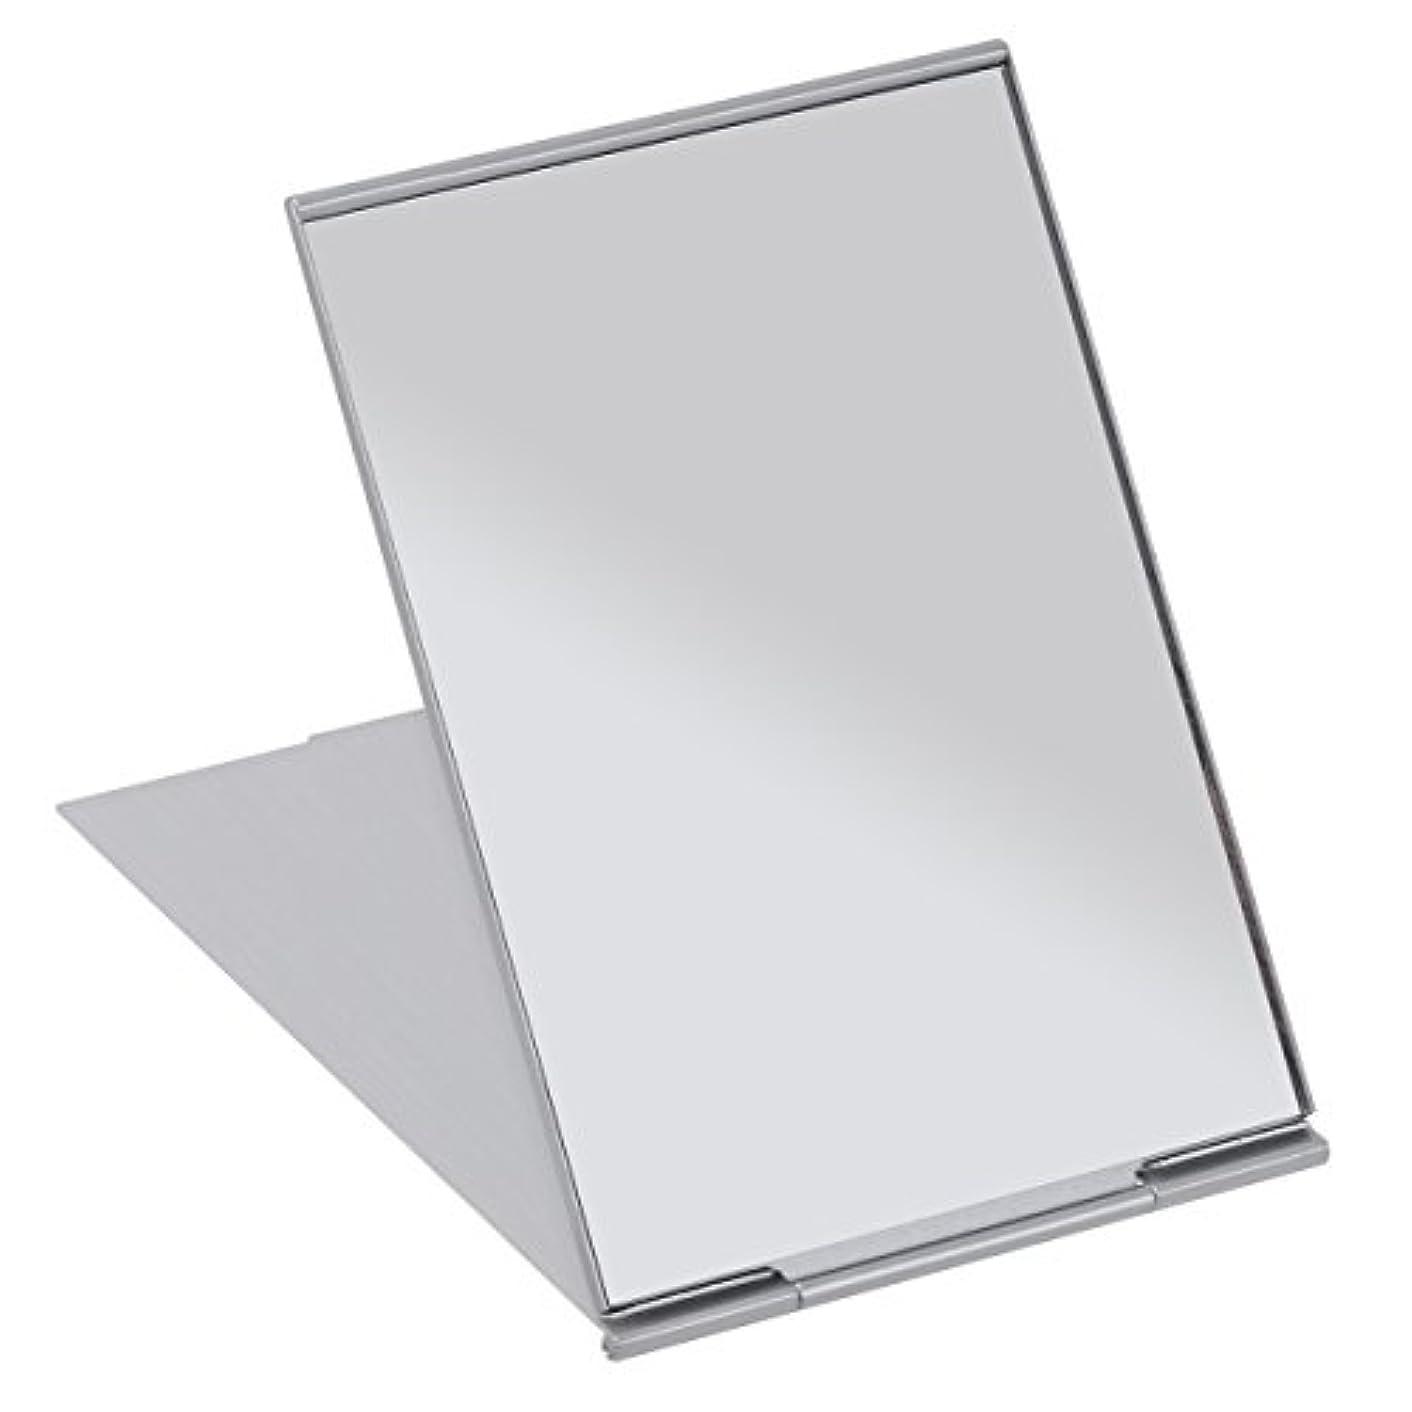 抑制するご近所所有権FRCOLOR 化粧鏡 携帯ミラー 折りたたみミラー 化粧ミラー コンパクトミラー 11.5*8cm 持ち運びに便利 (シルバー)